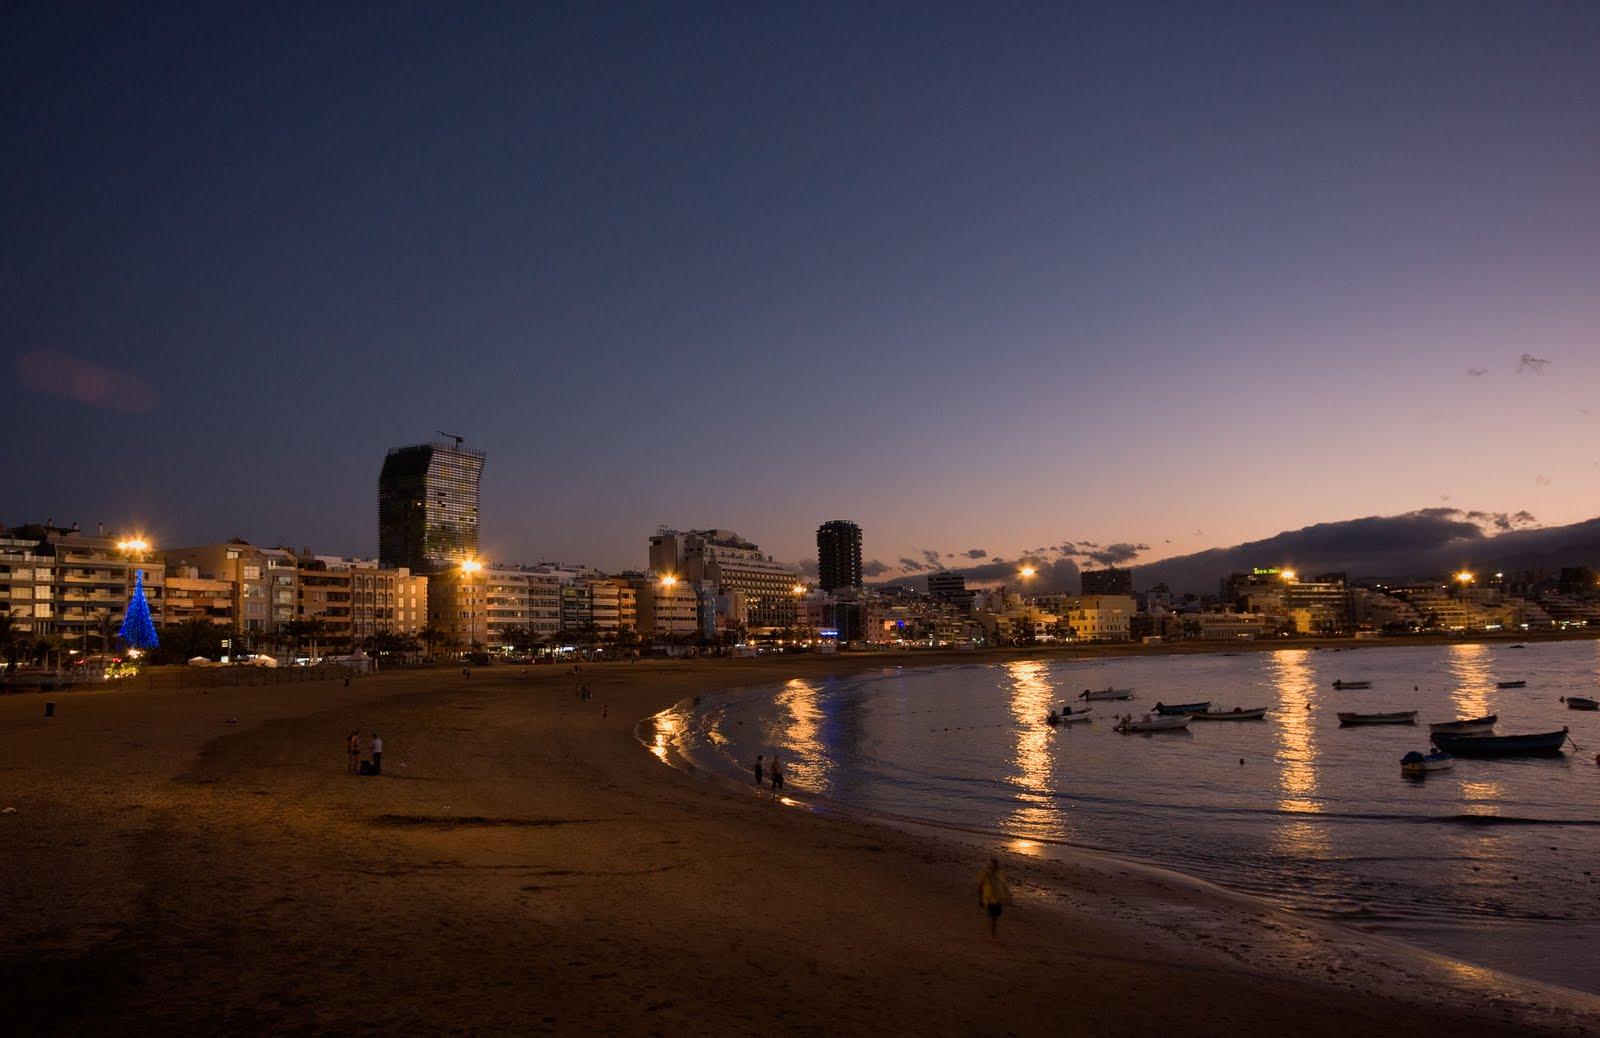 Hotel H Tenerife Playa De Las Americas